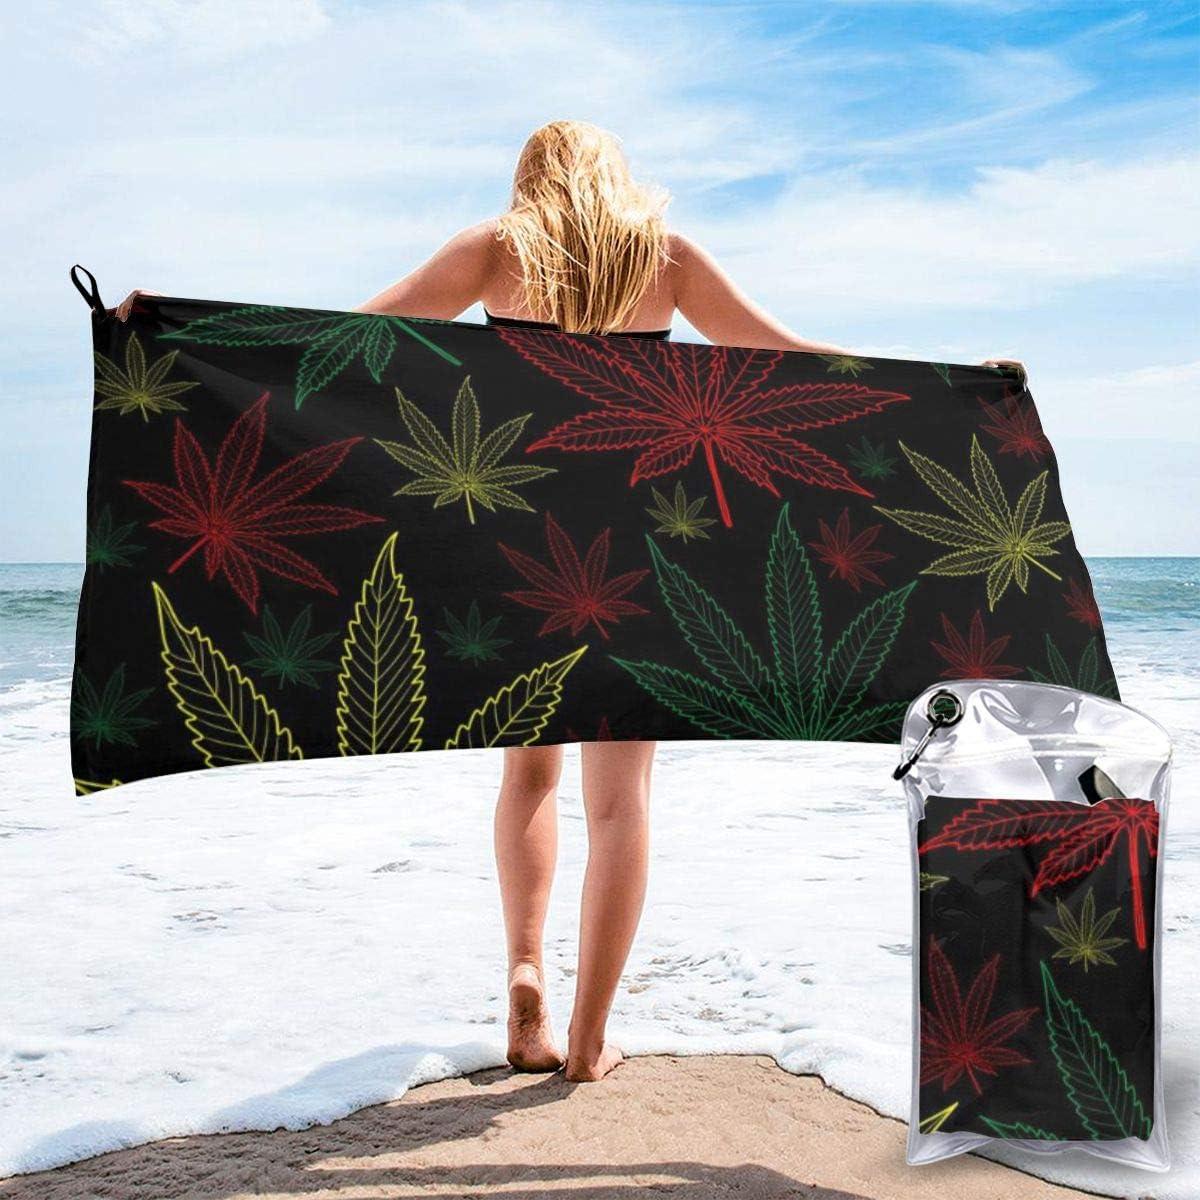 Nonebrand - Toalla de baño de microfibra de secado rápido para marihuana y cannabis de marihuana, tamaño grande, muy absorbente, perfecta para camping, gimnasio, playa, natación, senderismo y yoga